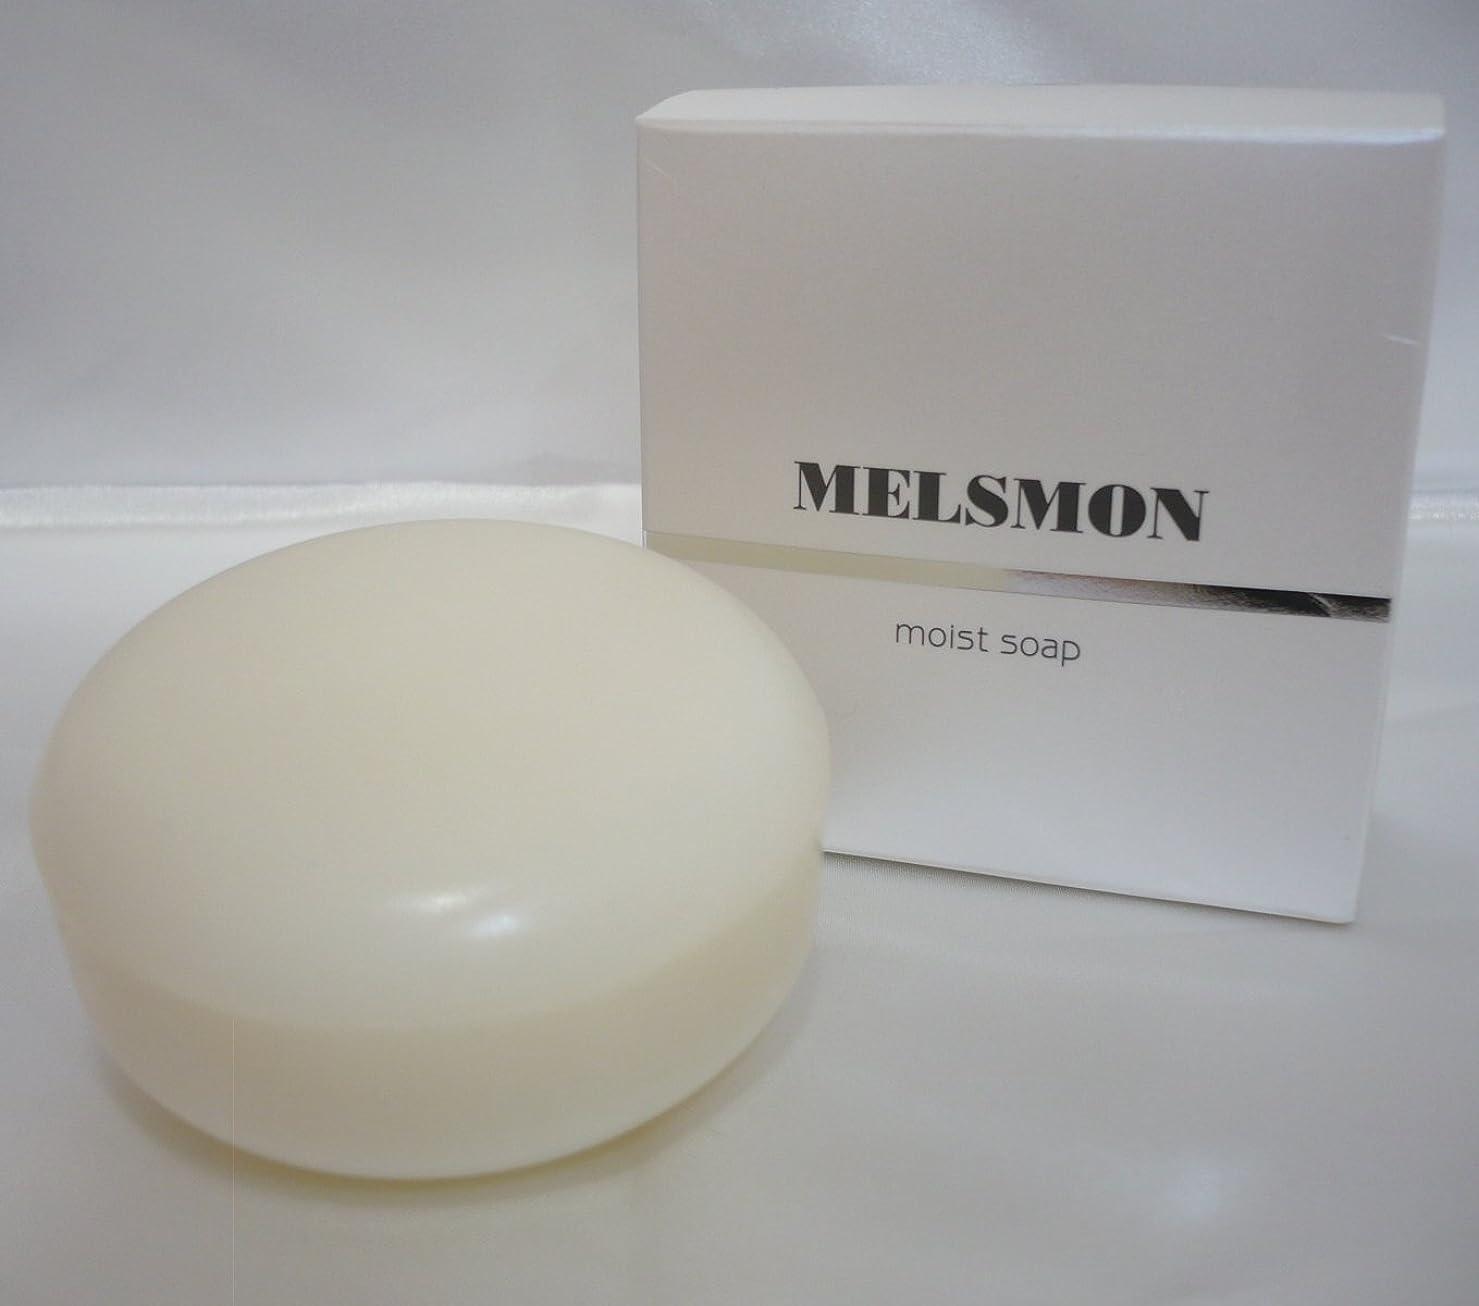 噴火ためらう火【メルスモン製薬】メルスモン モイストソープ 100g